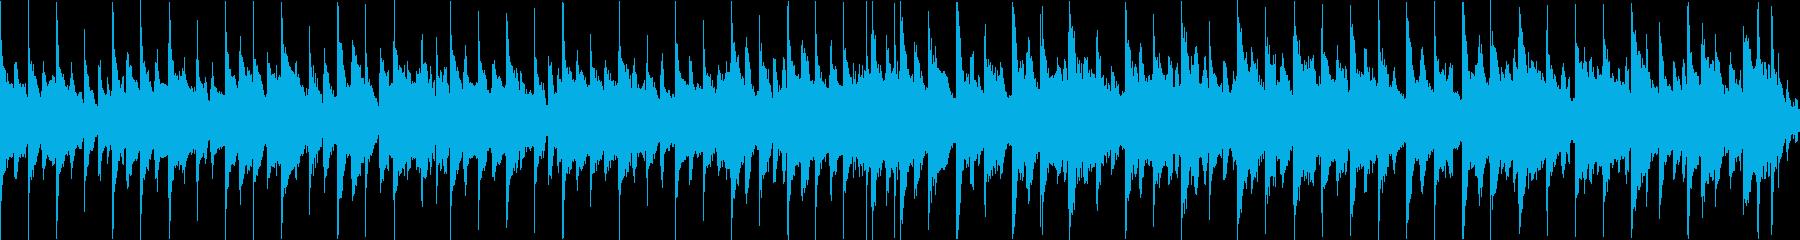 楽しいジングルベル(ループ)前奏無しの再生済みの波形